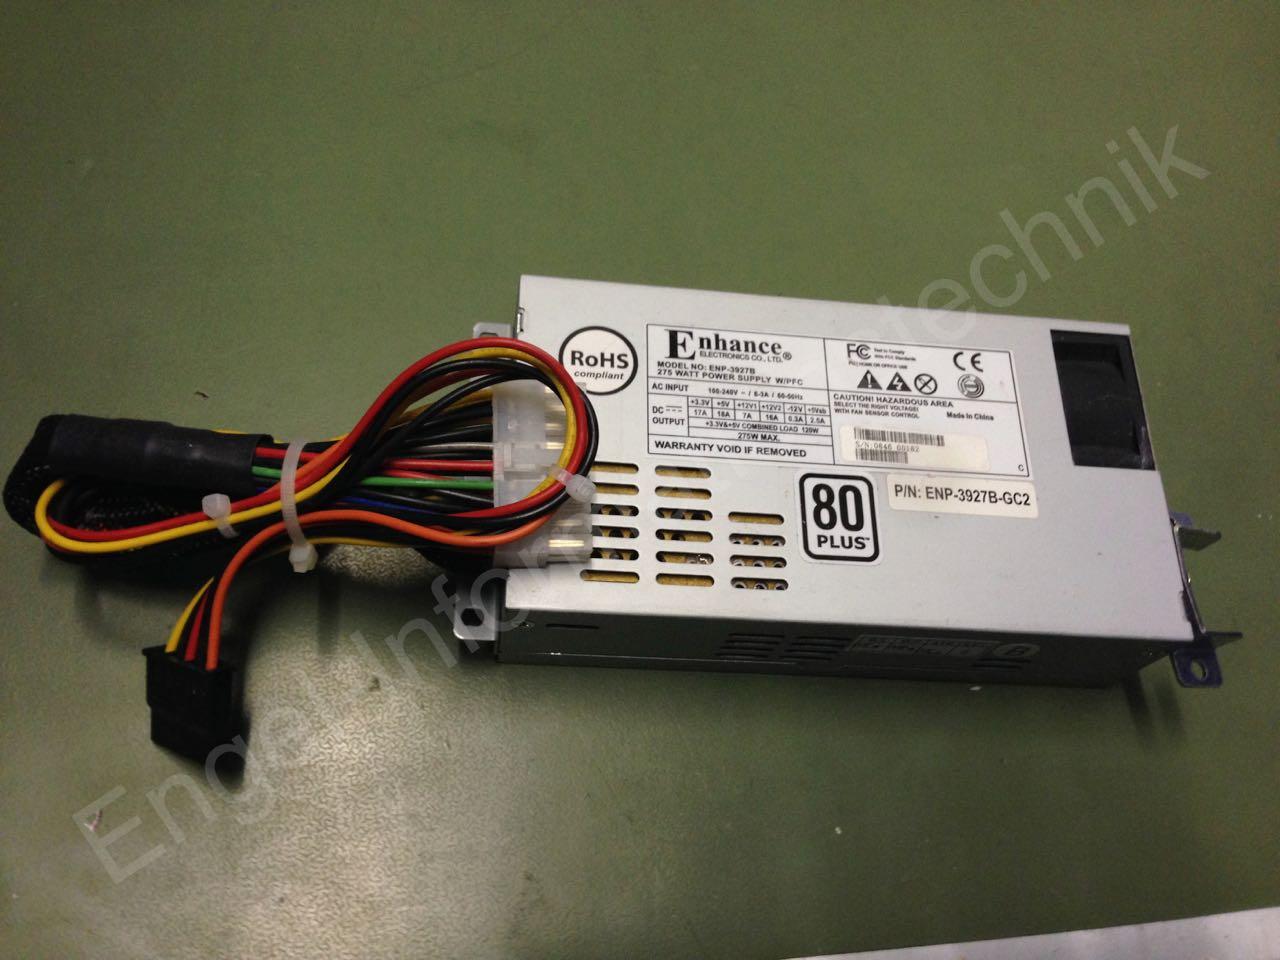 Enhance ENP-3927B